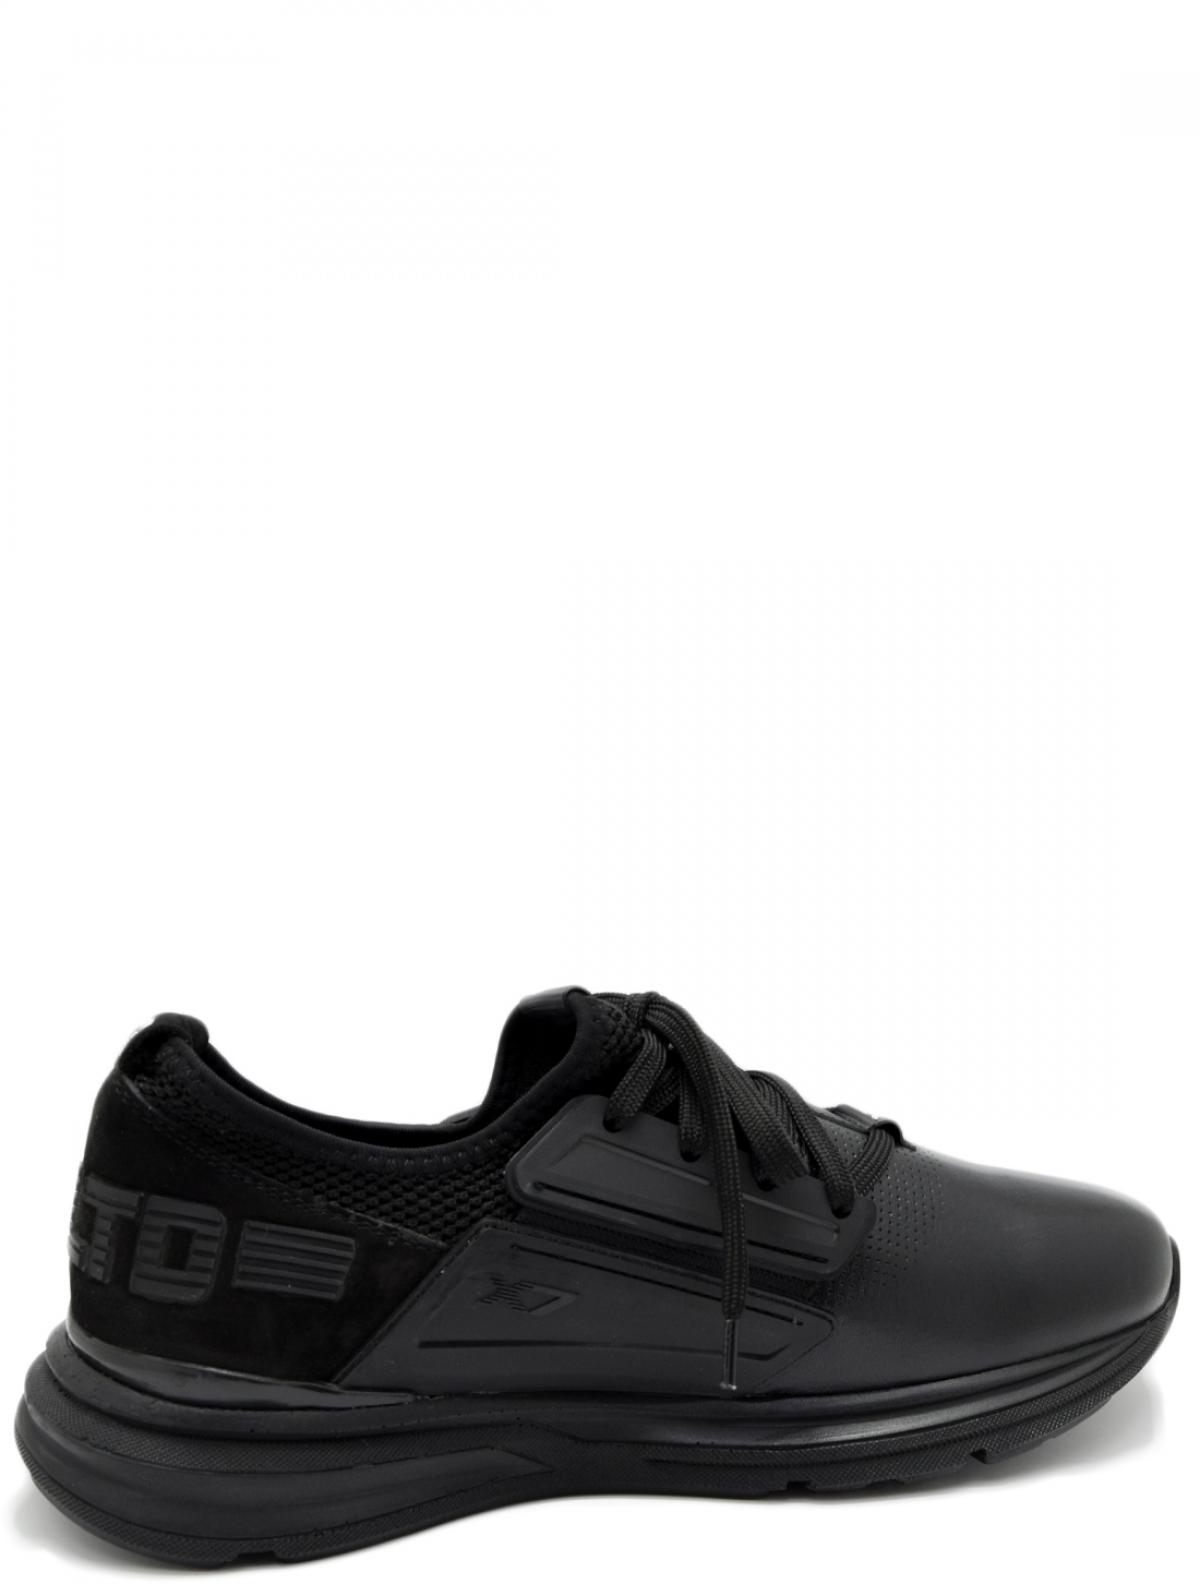 DENIM B643чп мужские кроссовки